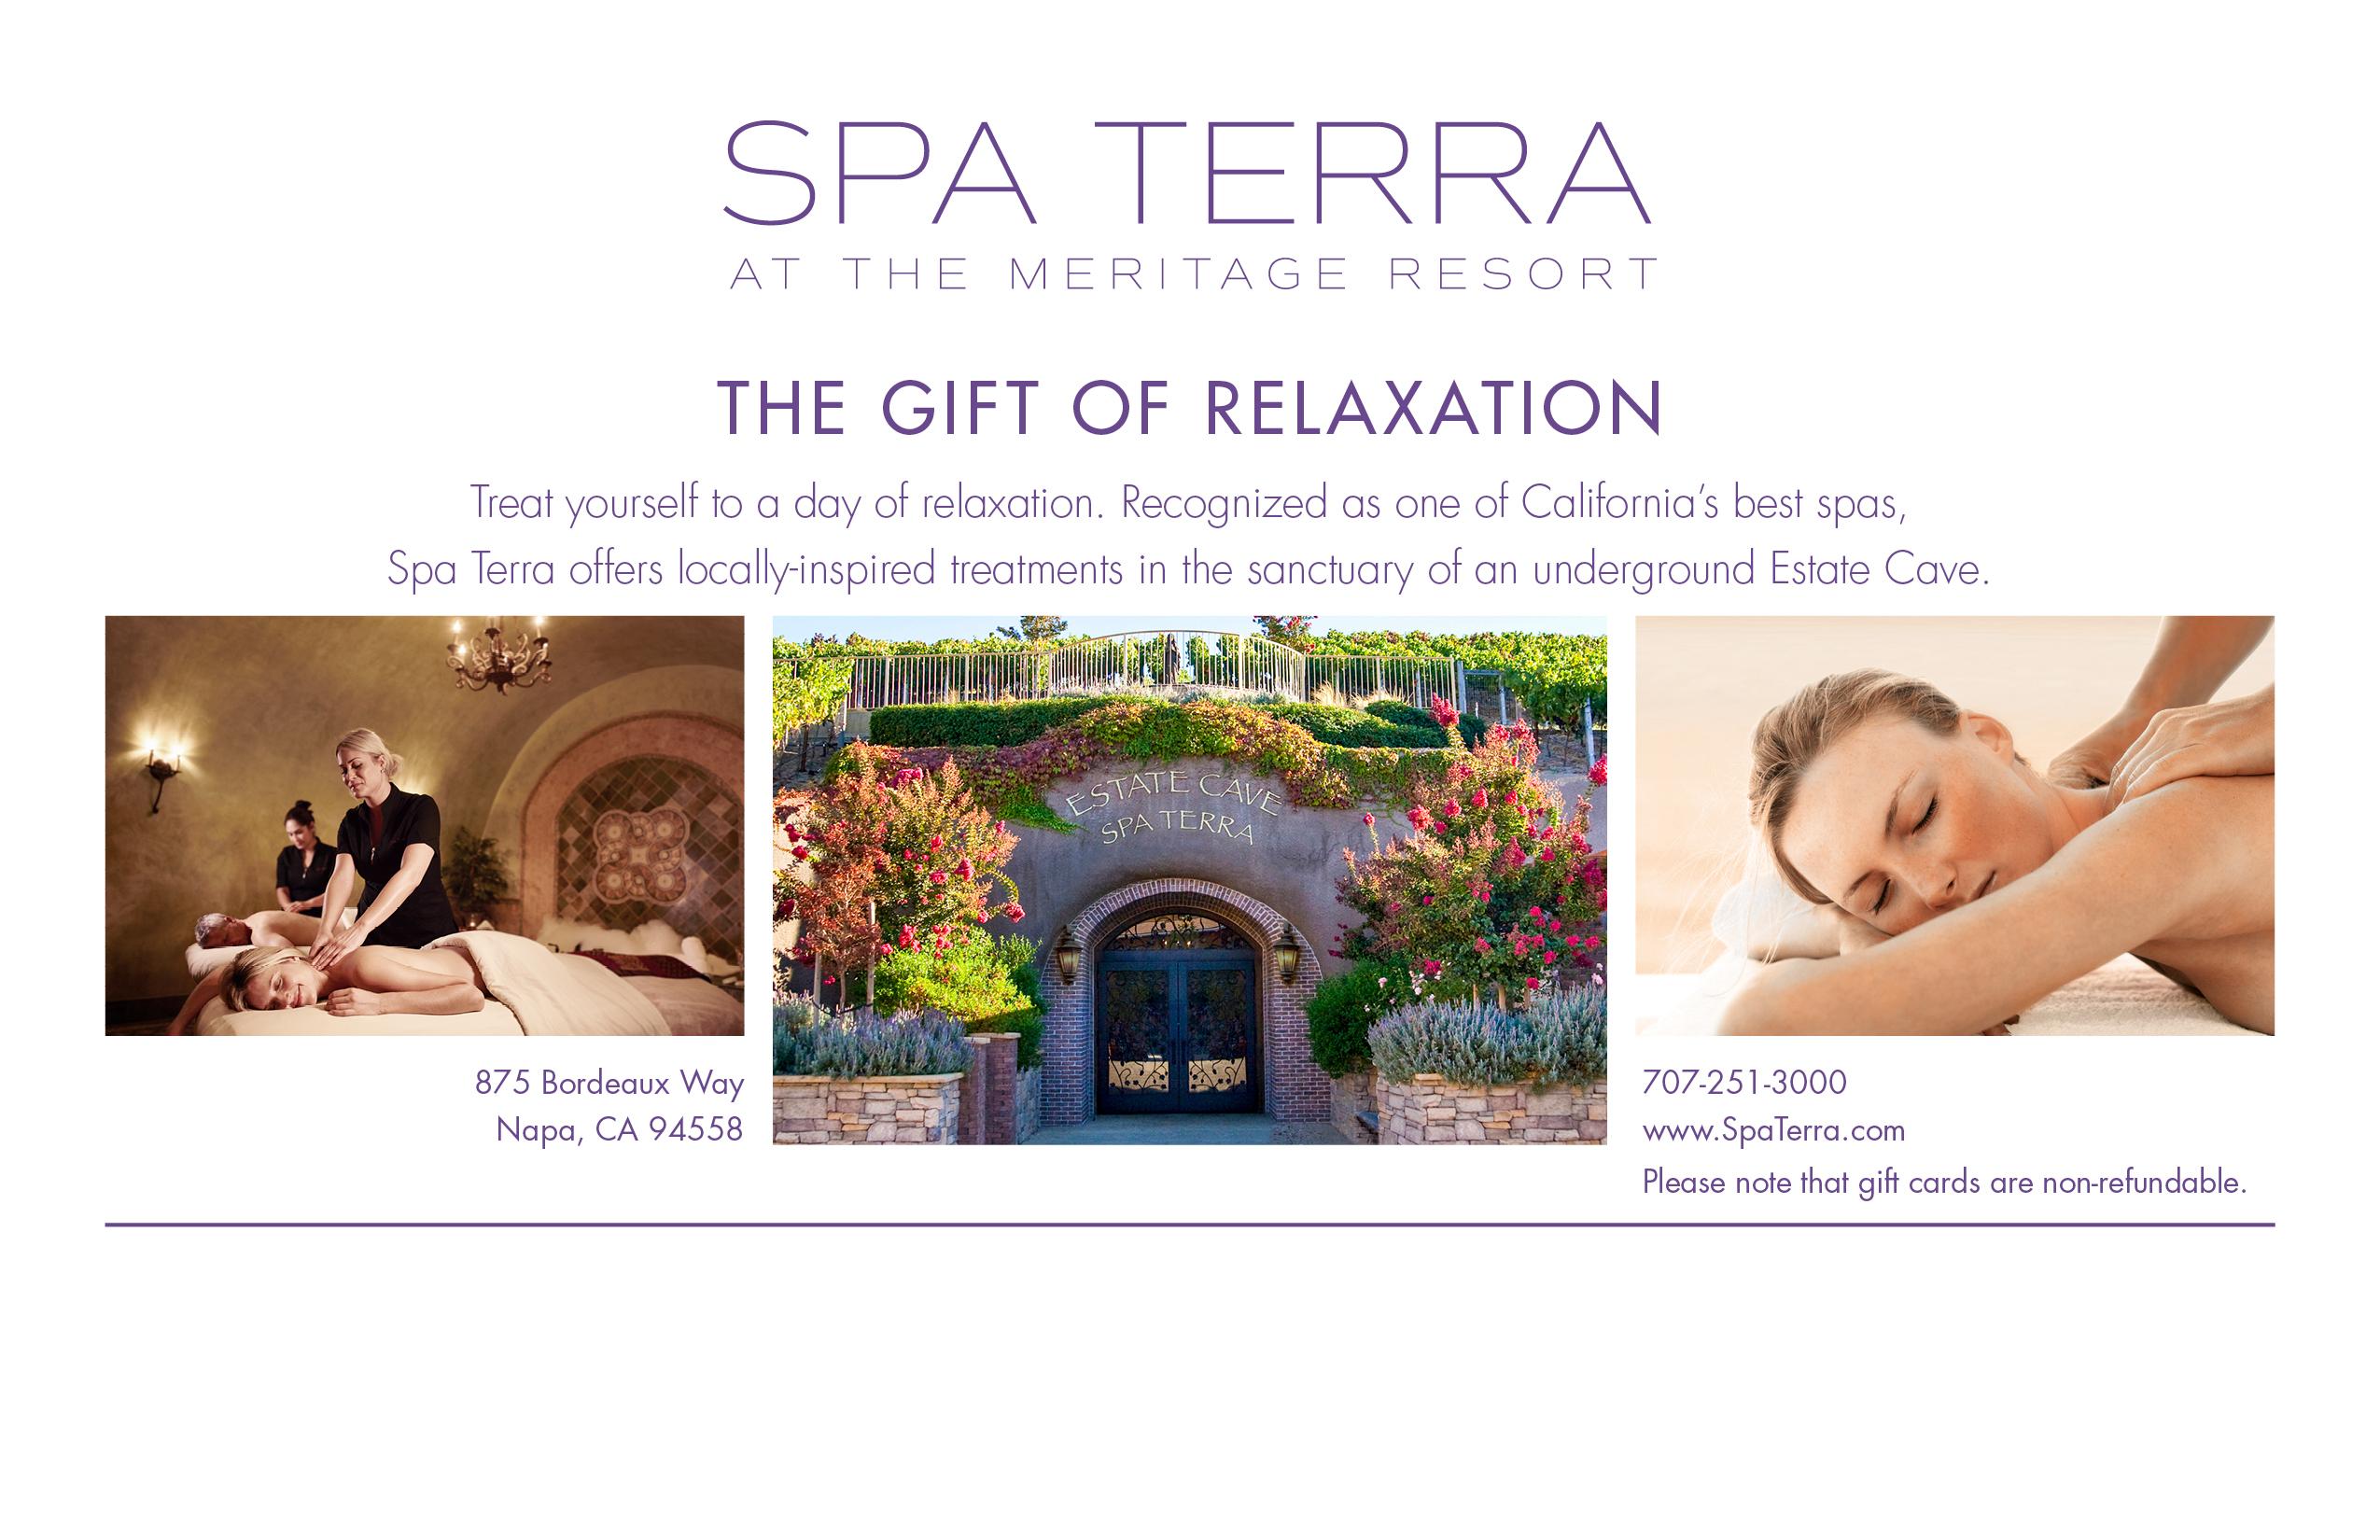 Spa Terra At Meritage Resort Gift Certificate